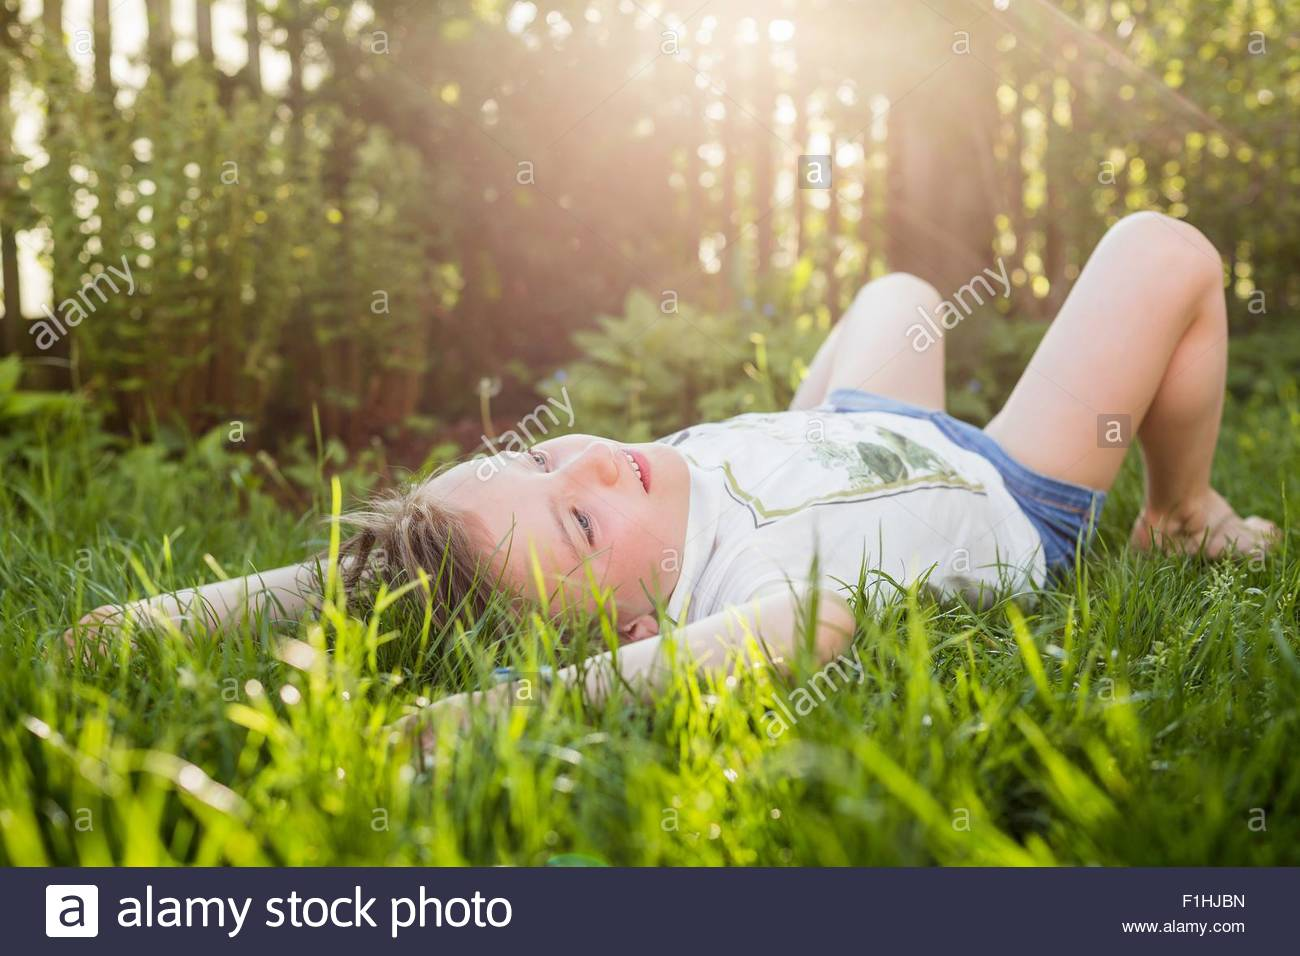 Girl lying on grass gazing in garden - Stock Image